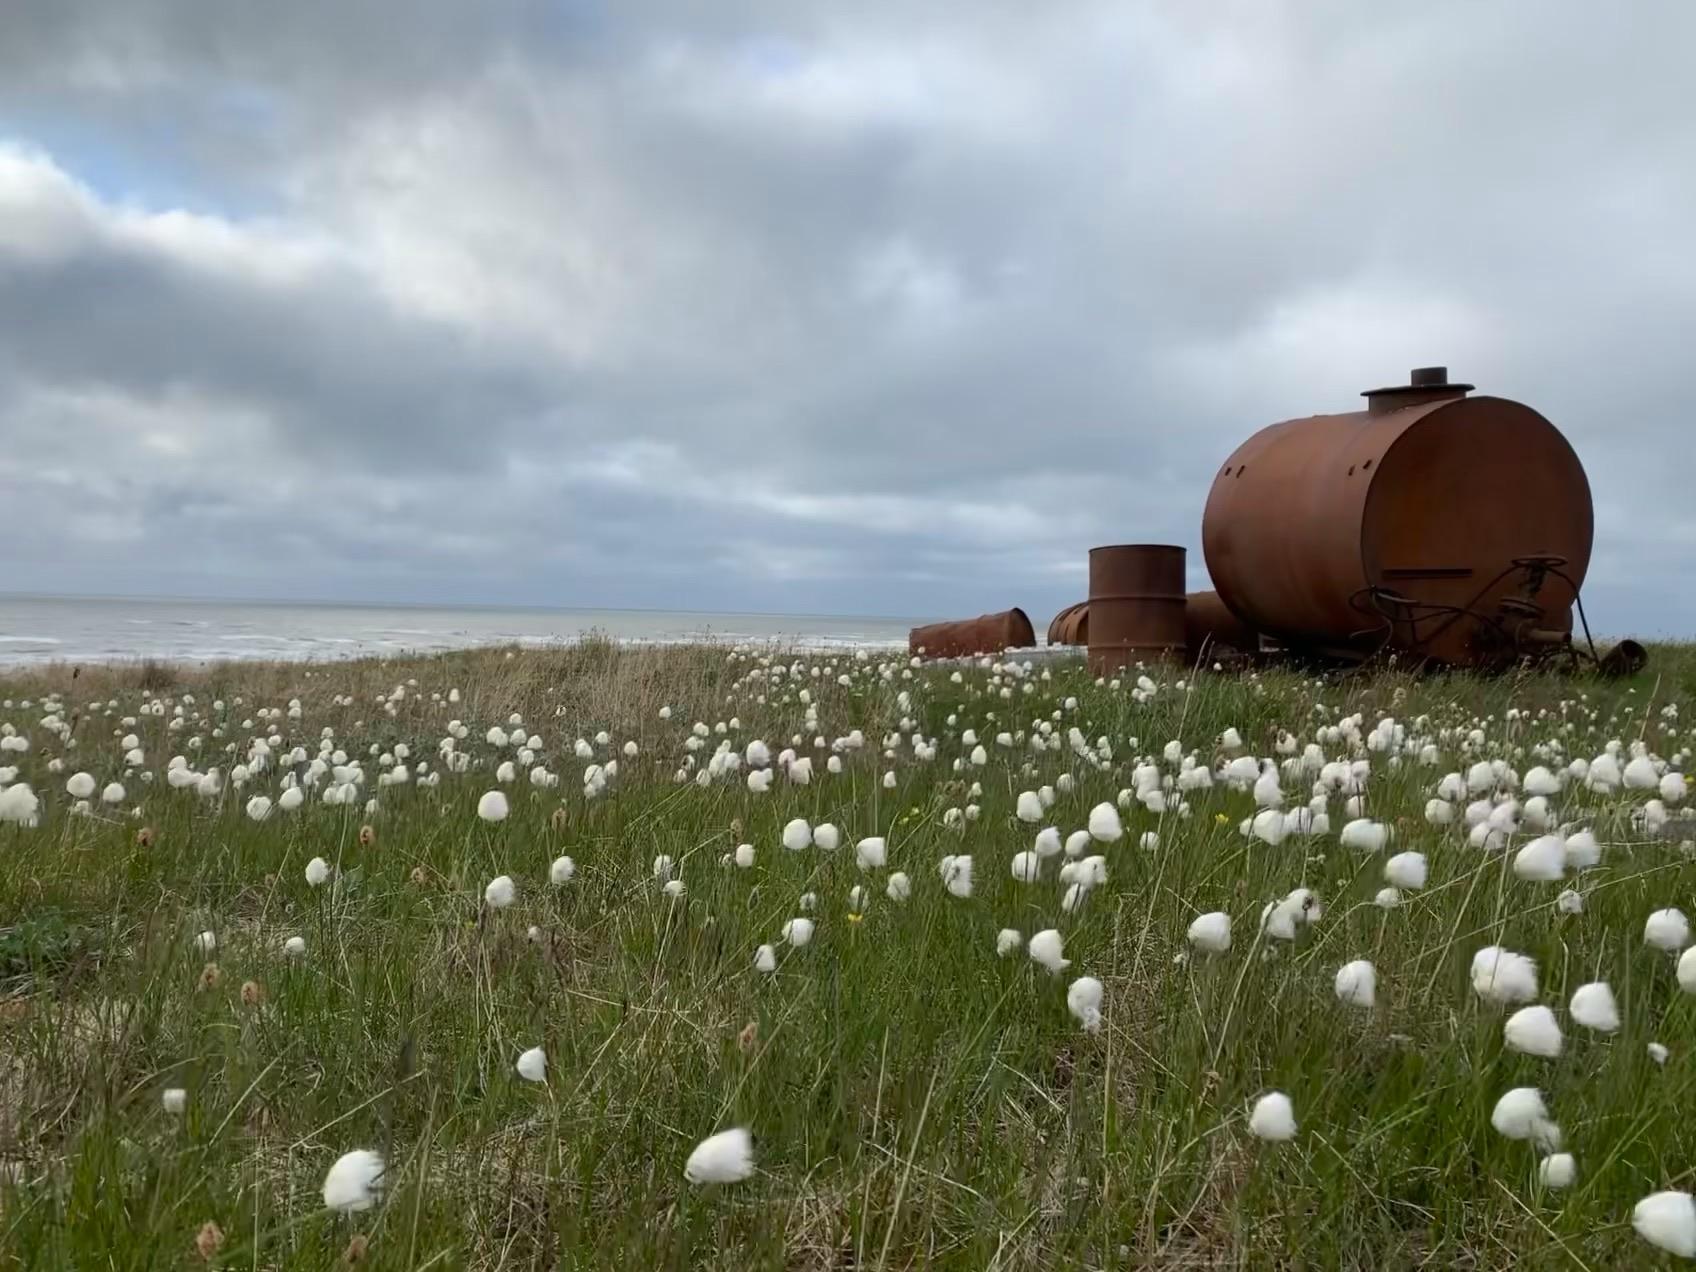 К сожалению, металлолома в Арктике ещё много